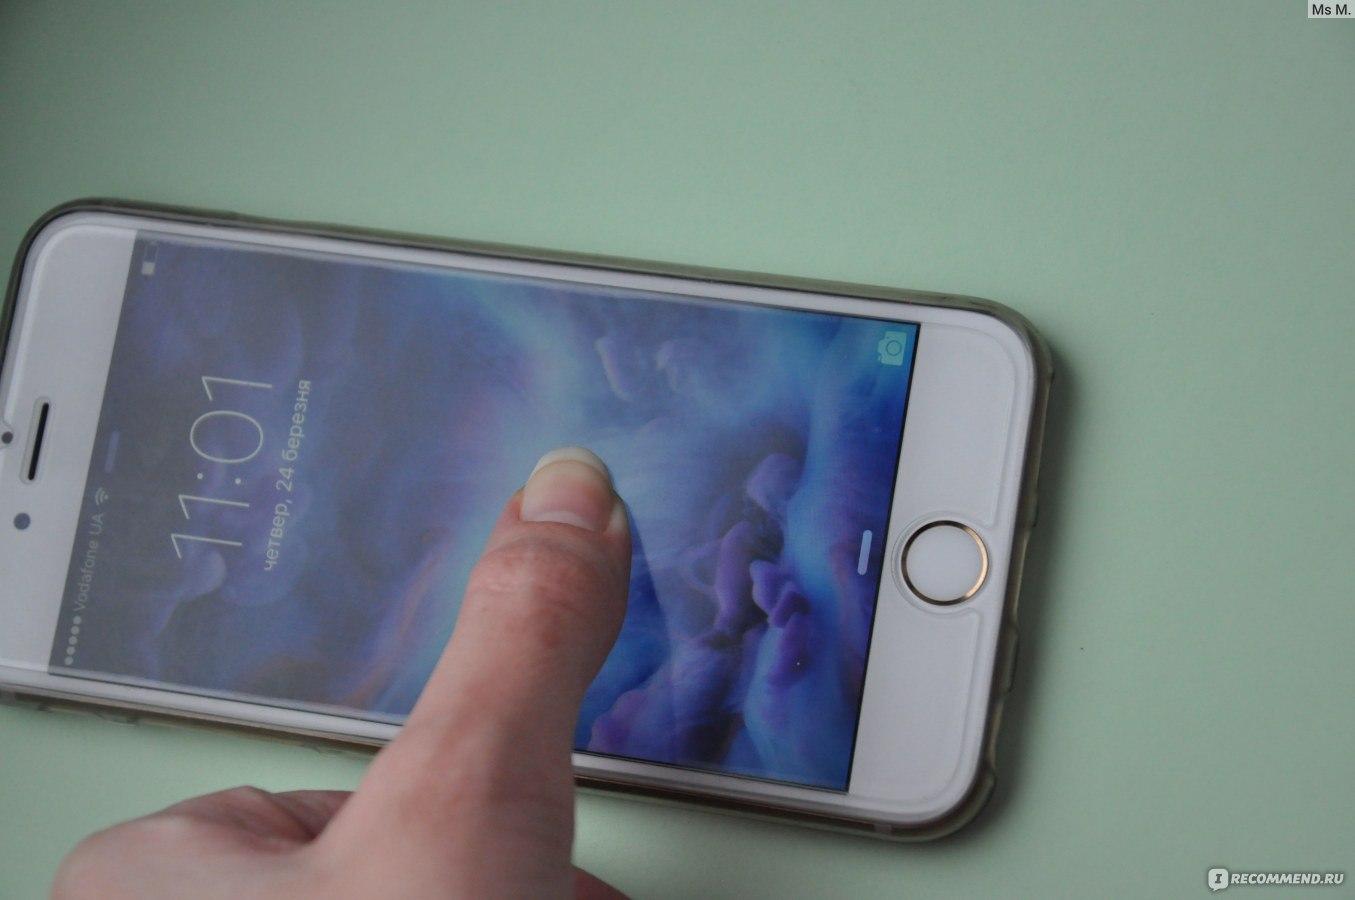 Как сделать двигающуюся фотографию в айфон 6s